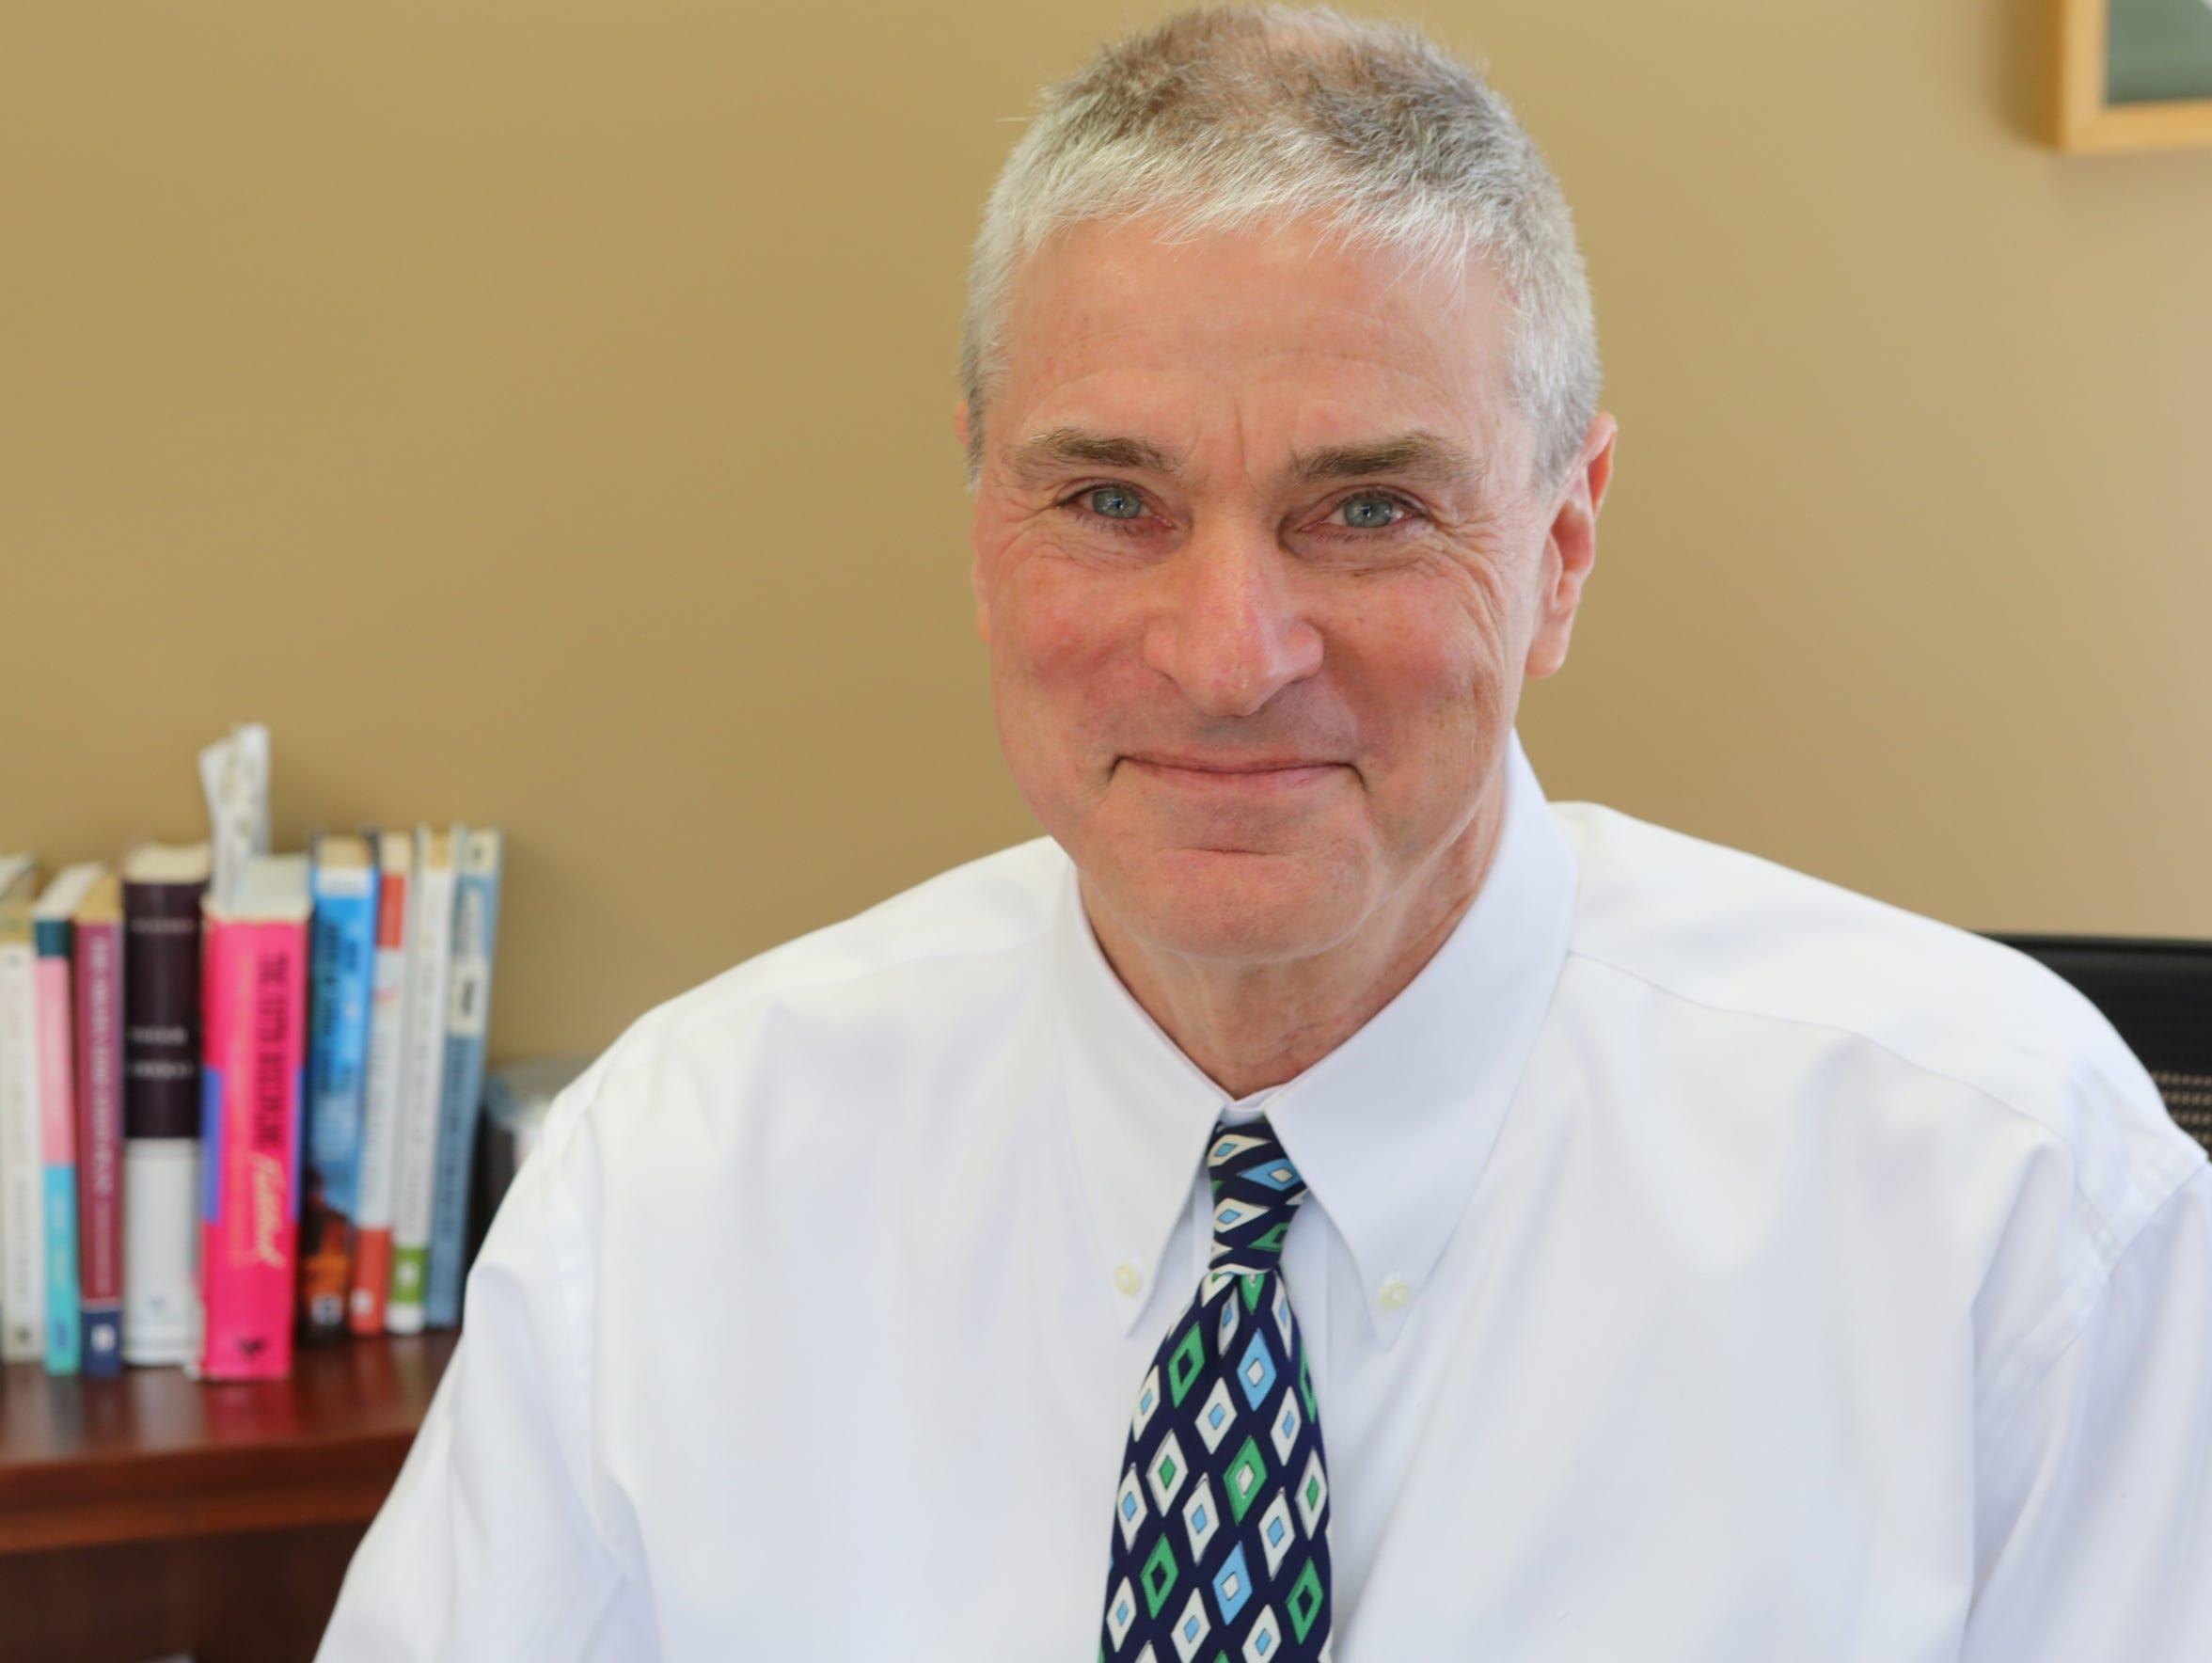 Bedford schools Superintendent Jere Hochman